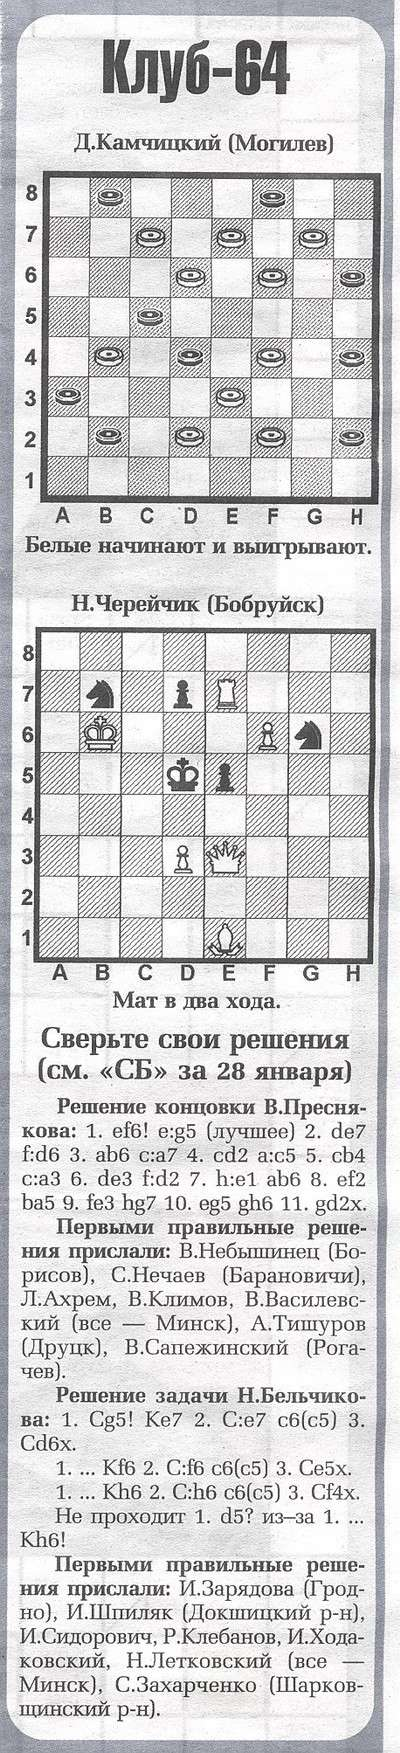 Беларусь сегодня (Минск) 11021111